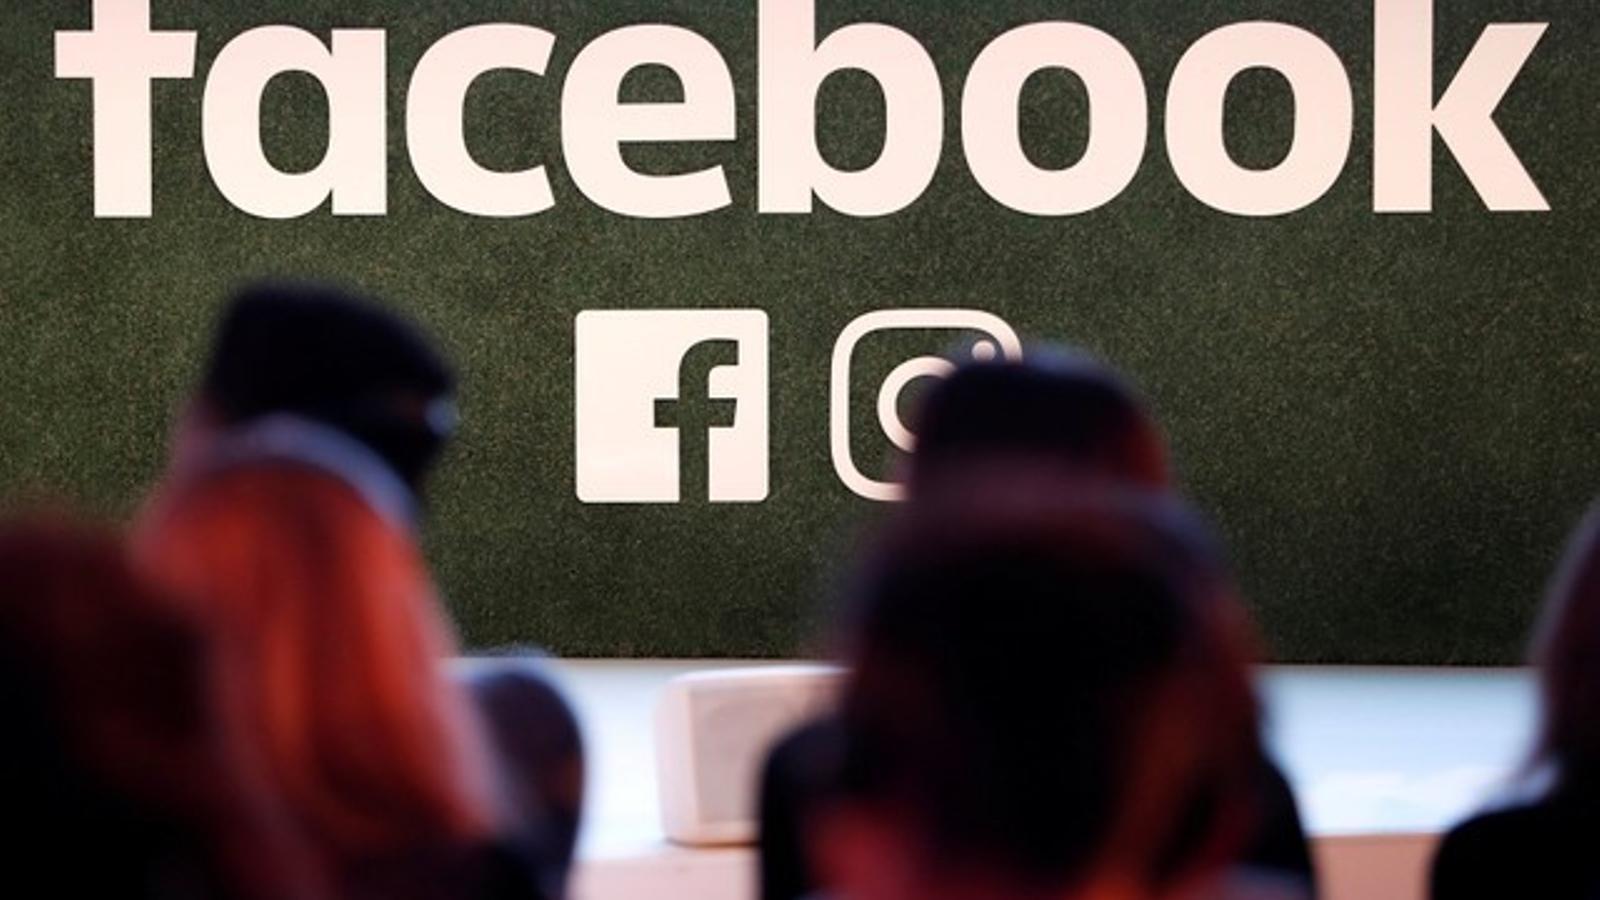 Acusen Facebook de permetre filtrar dades personals a una empresa vinculada a la campanya de Trump